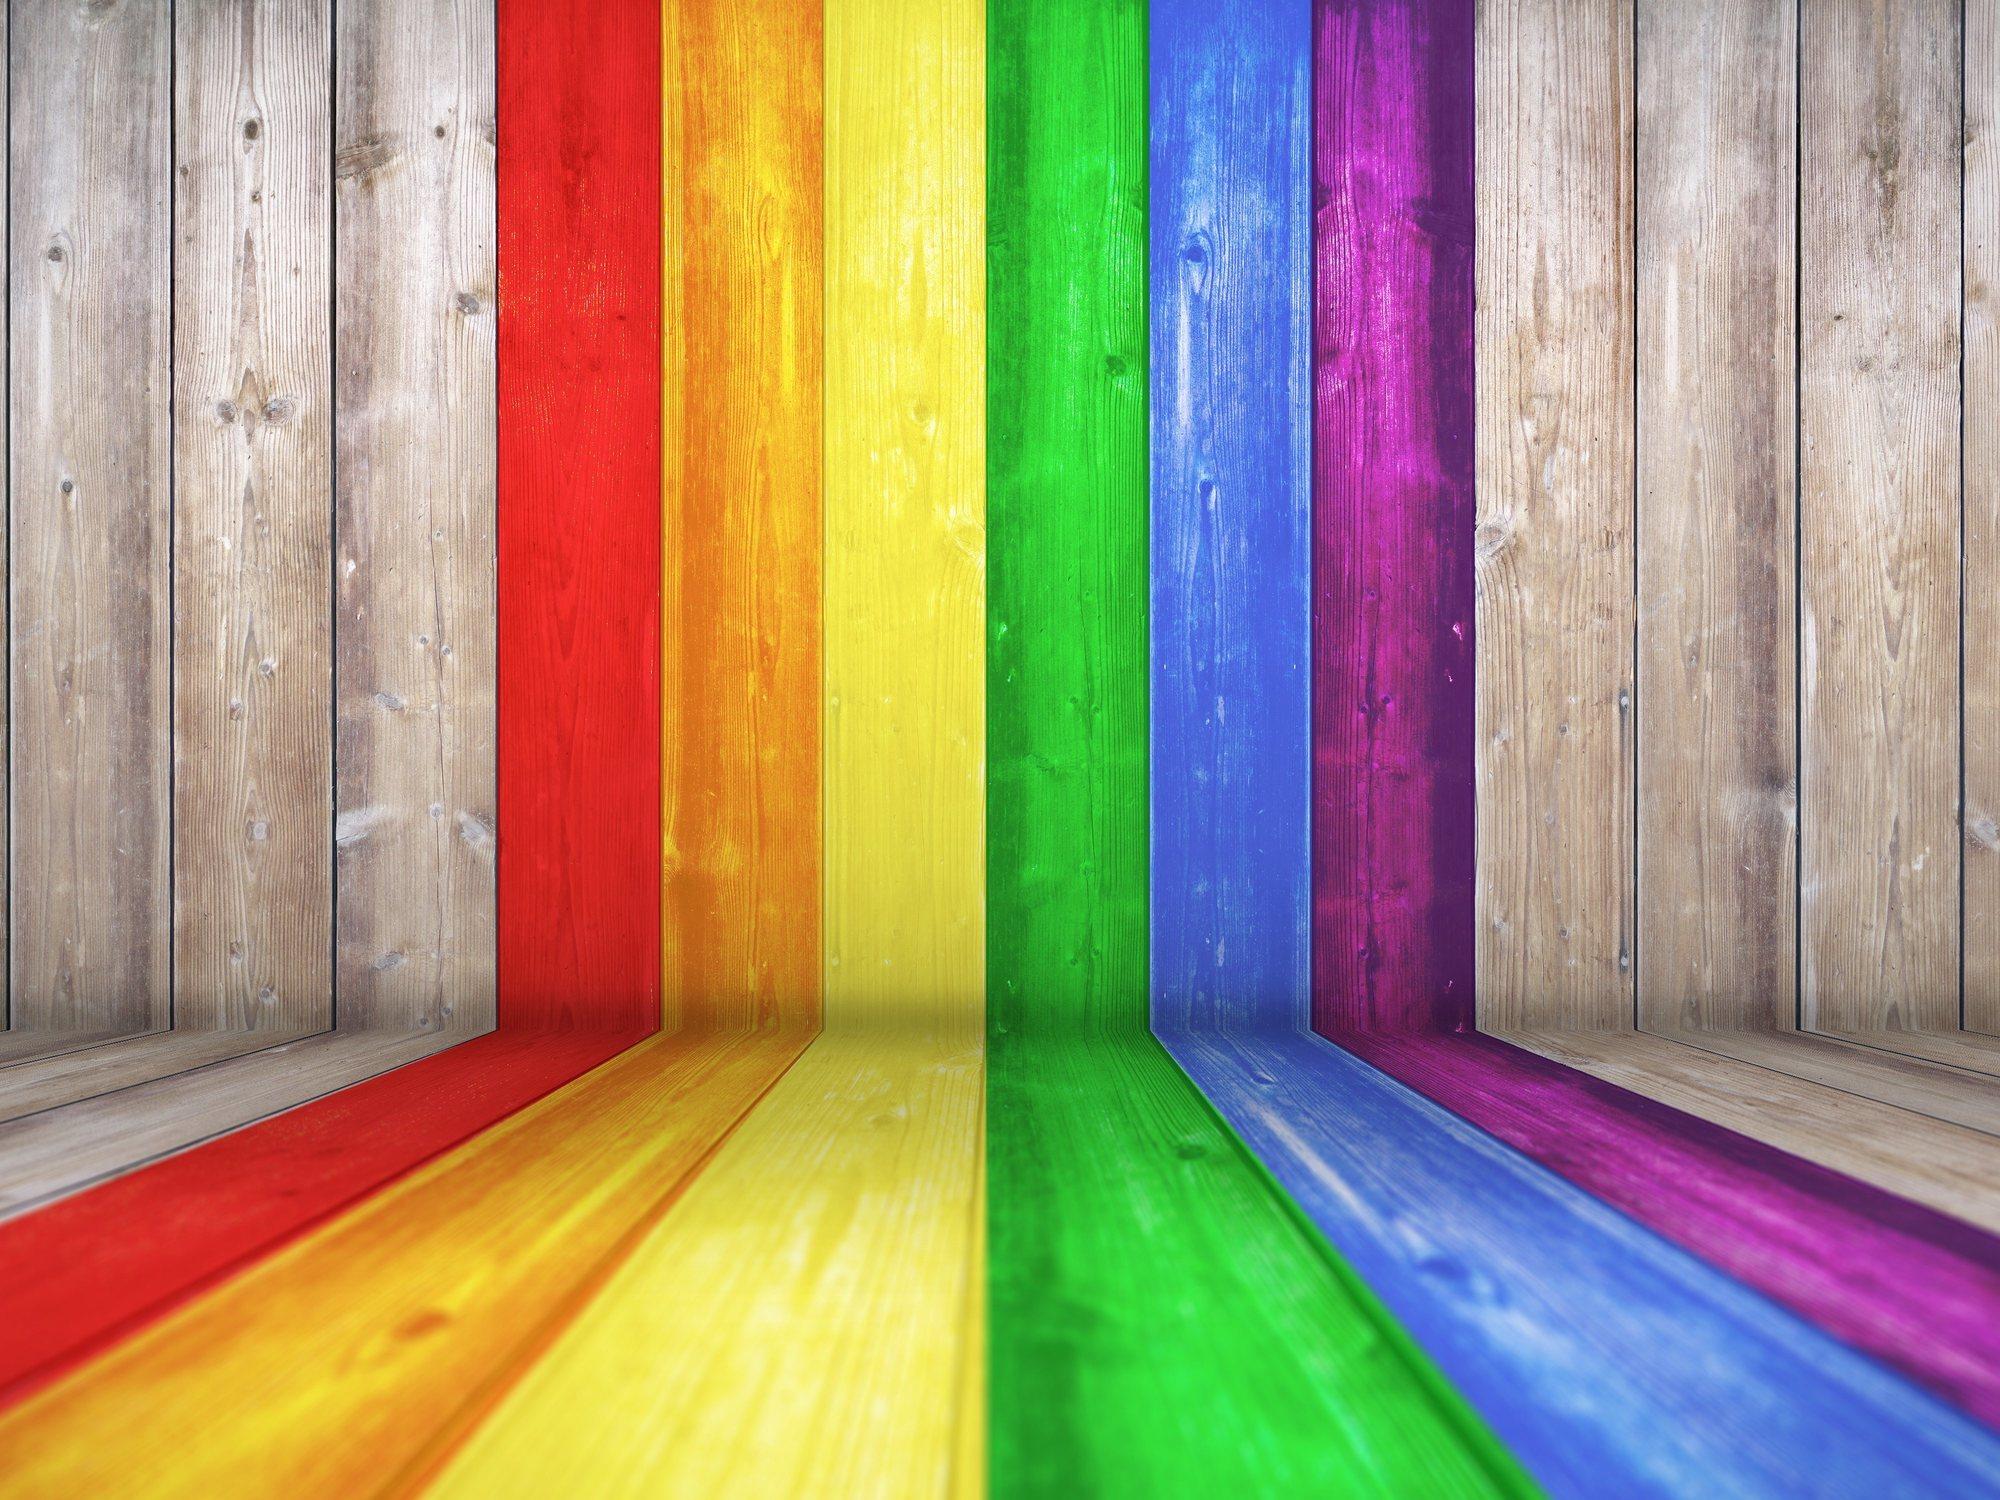 """Expulsada de un colegio cristiano por """"representar el orgullo gay"""" por llevar un jersey arcoíris"""